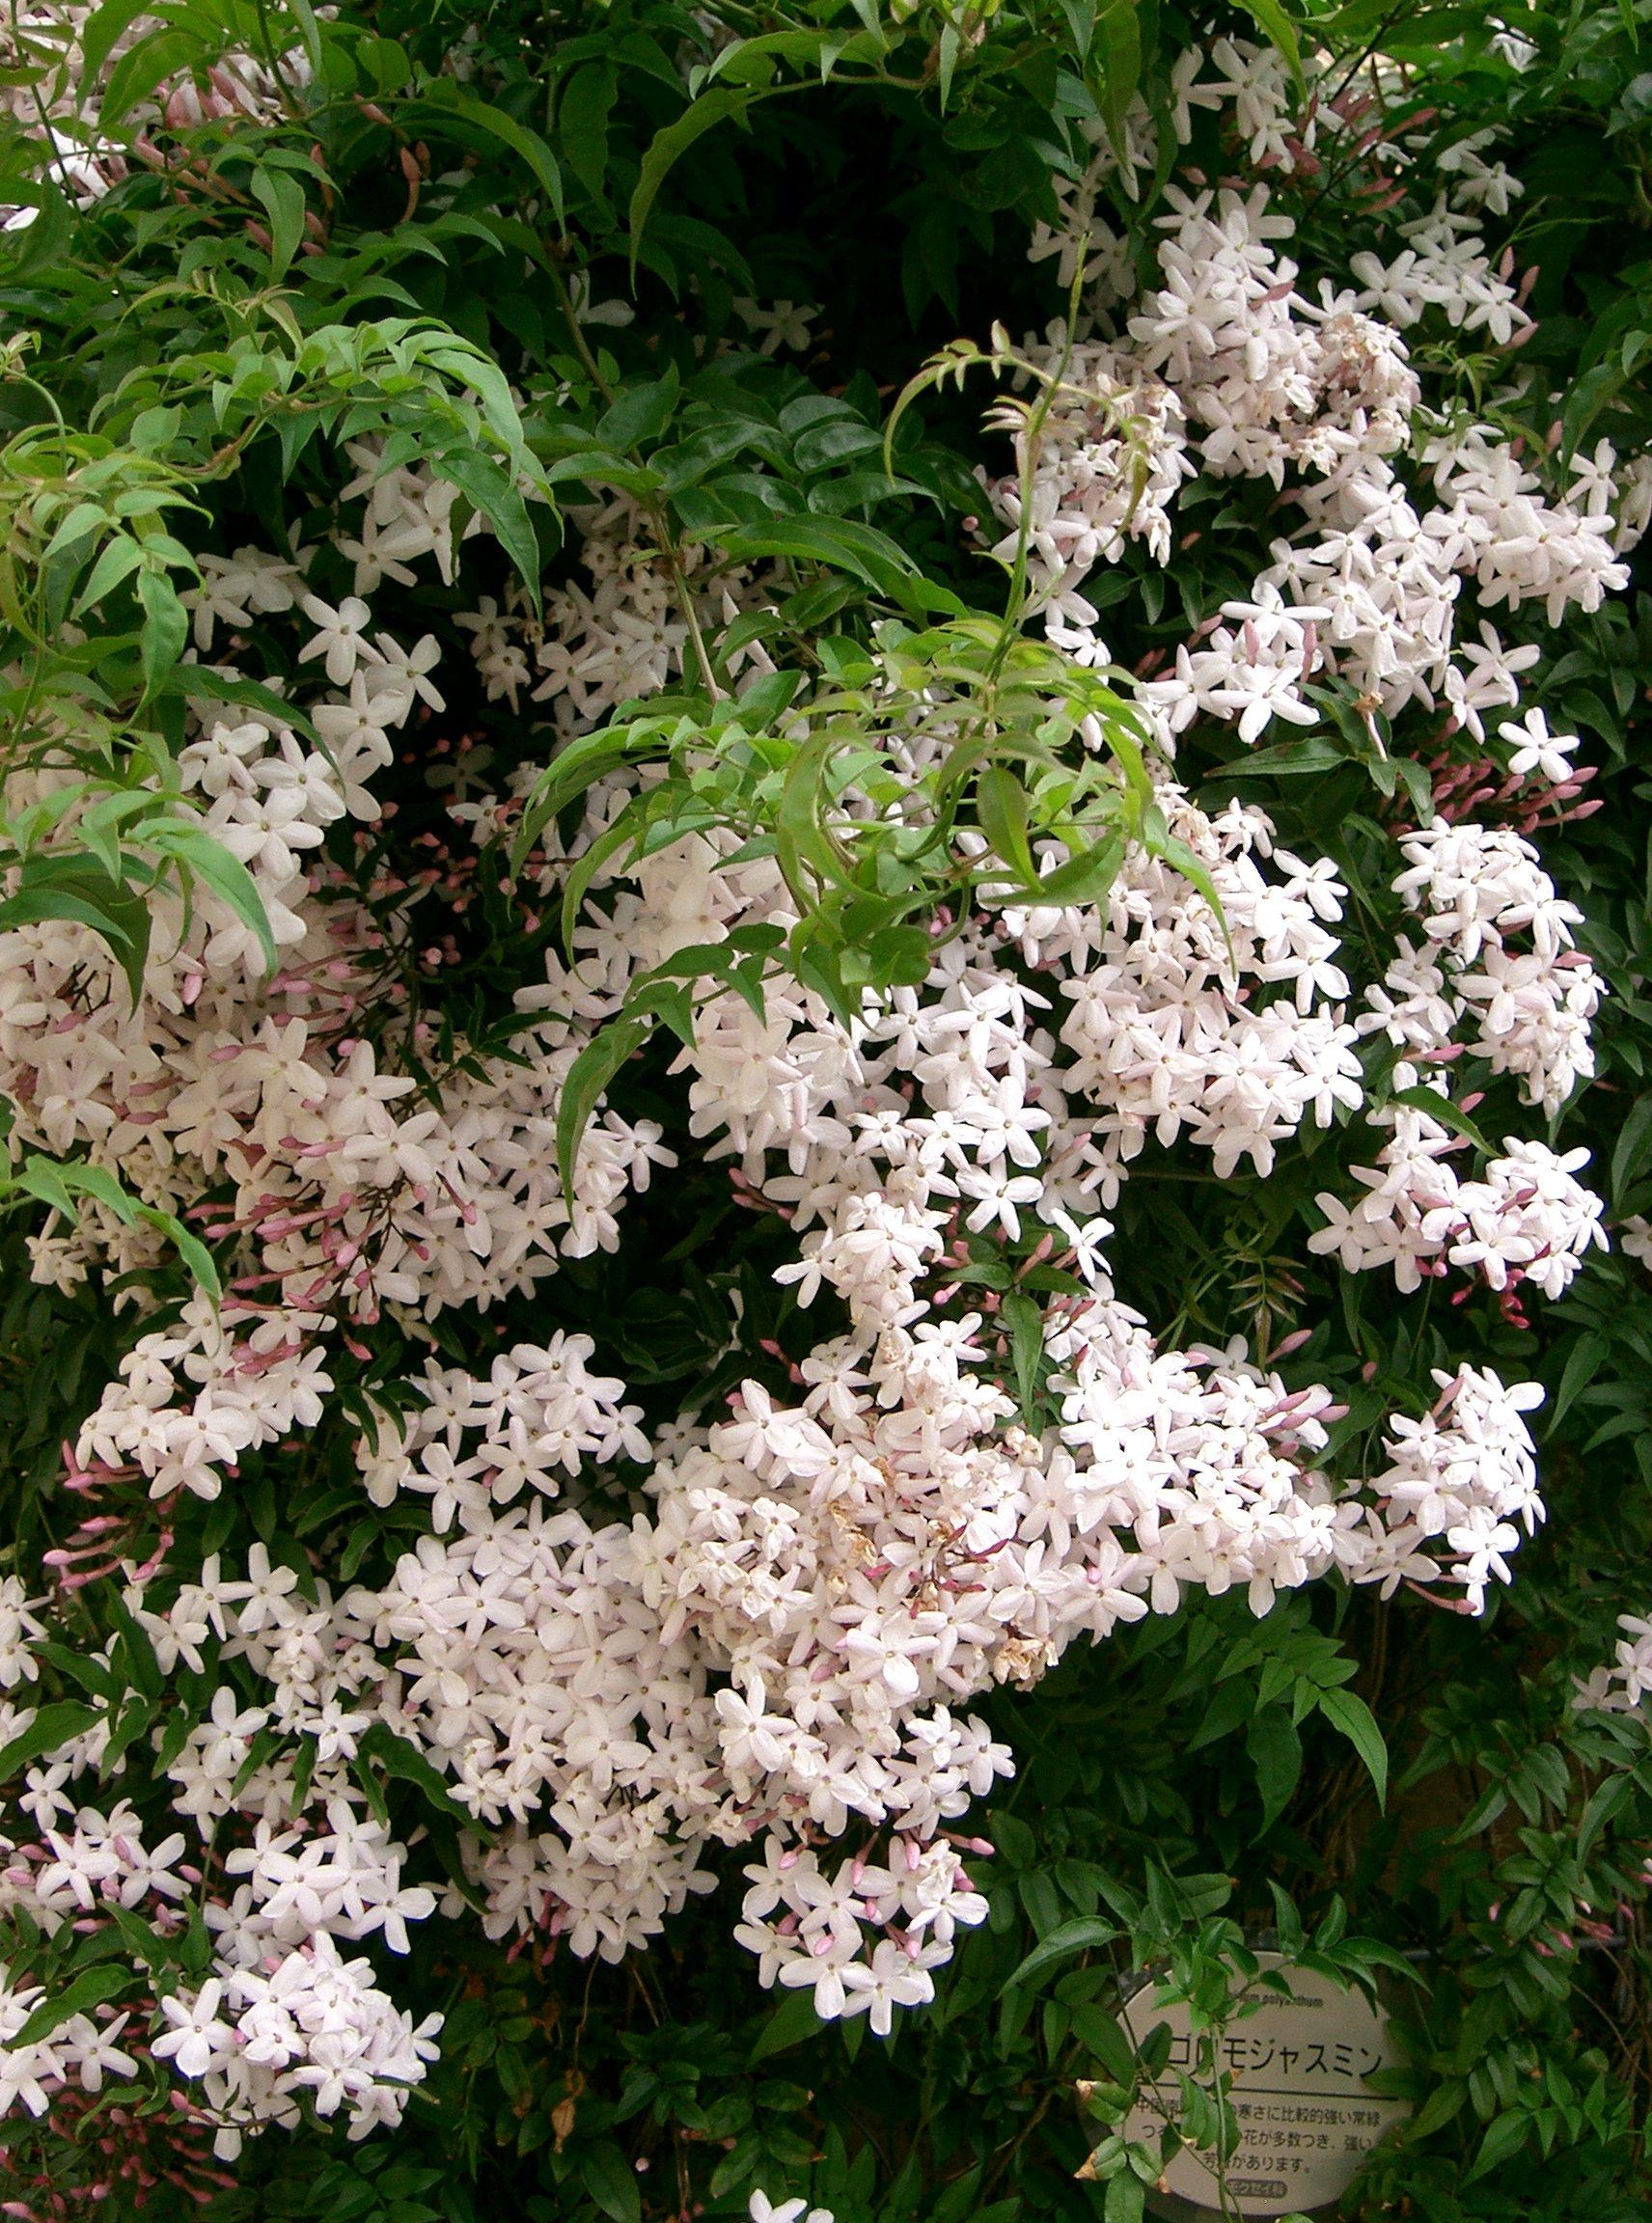 Jasminum_polyanthum1.jpg?uselang=fr